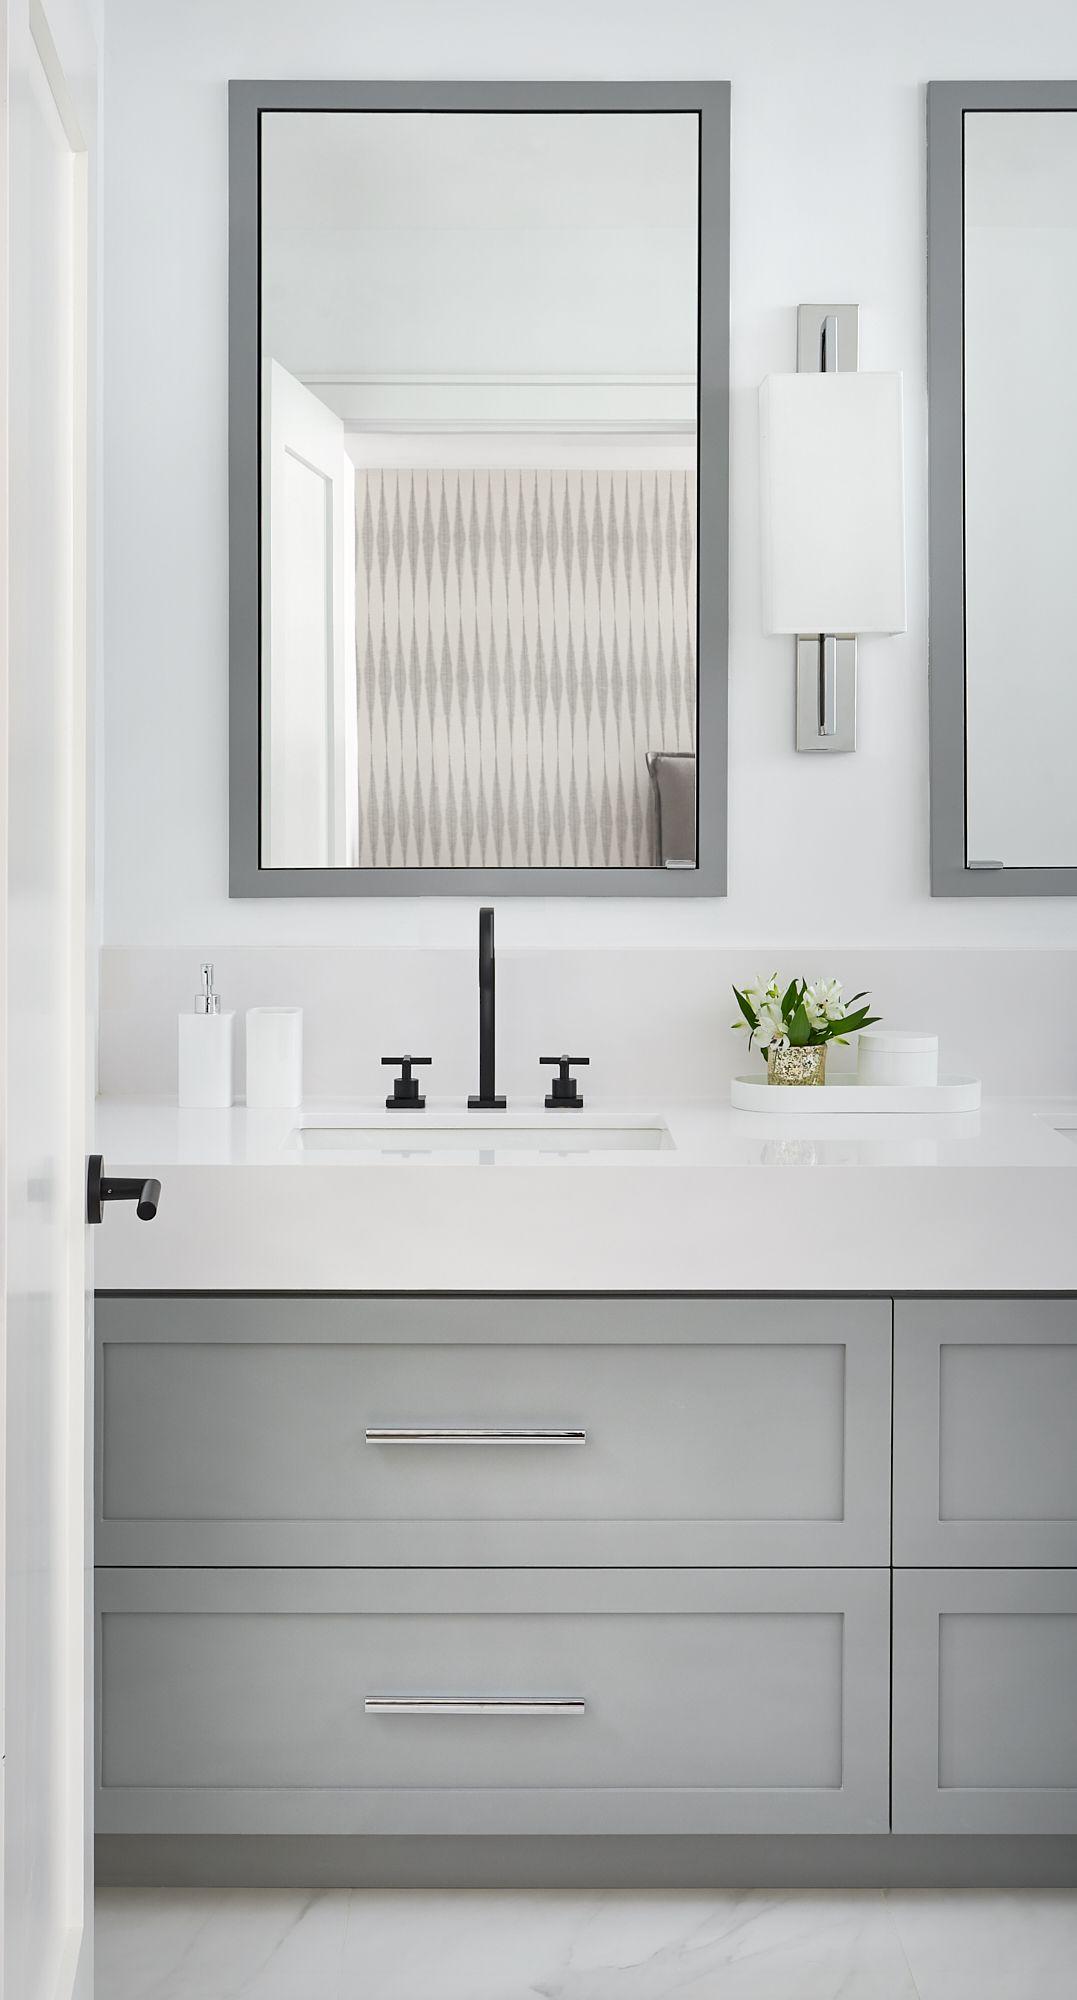 Master Ensuite Interior Design Black Bathroom Mirrors Bathroom Mirror Cabinet Black Faucet Bathroom